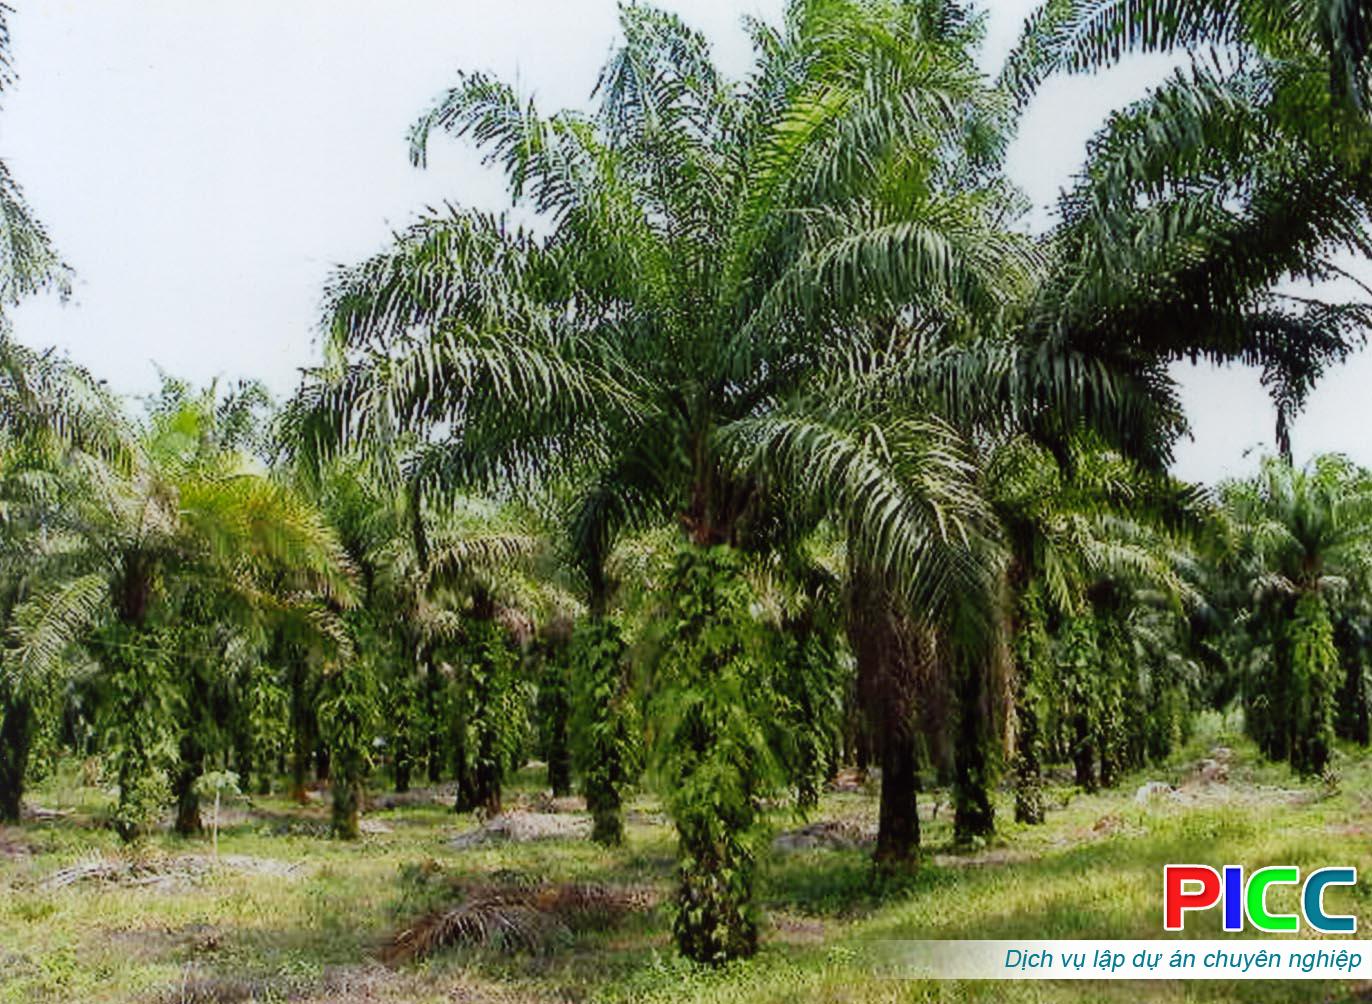 Dự án Trồng rừng và Cây cọ dầu tỉnh Bình Thuận